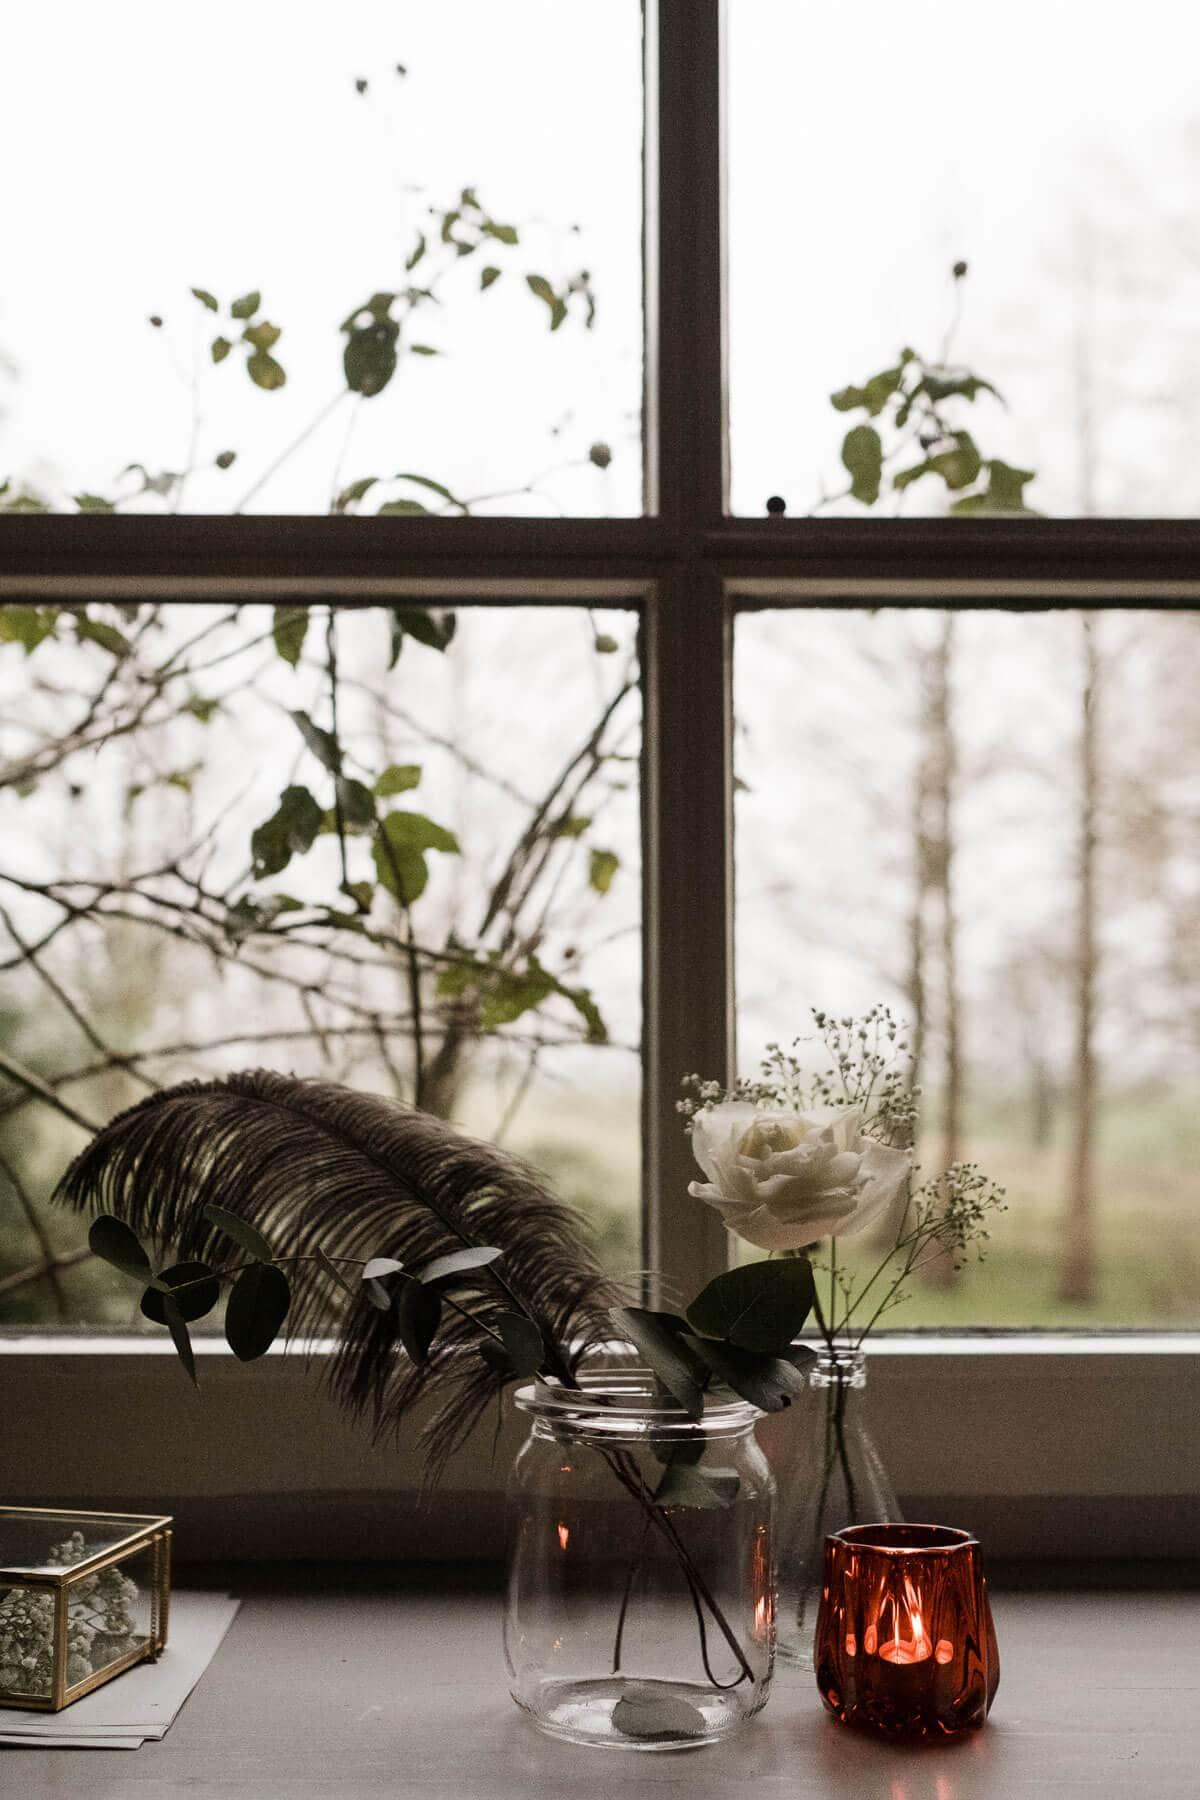 vor einem Sprossenfenster in einem Landhaus steth eine Glasvase mit einer Feder, sowie eine Vase mit einer Blume, draußen vor dem Fenster steht ein grüner Strauch